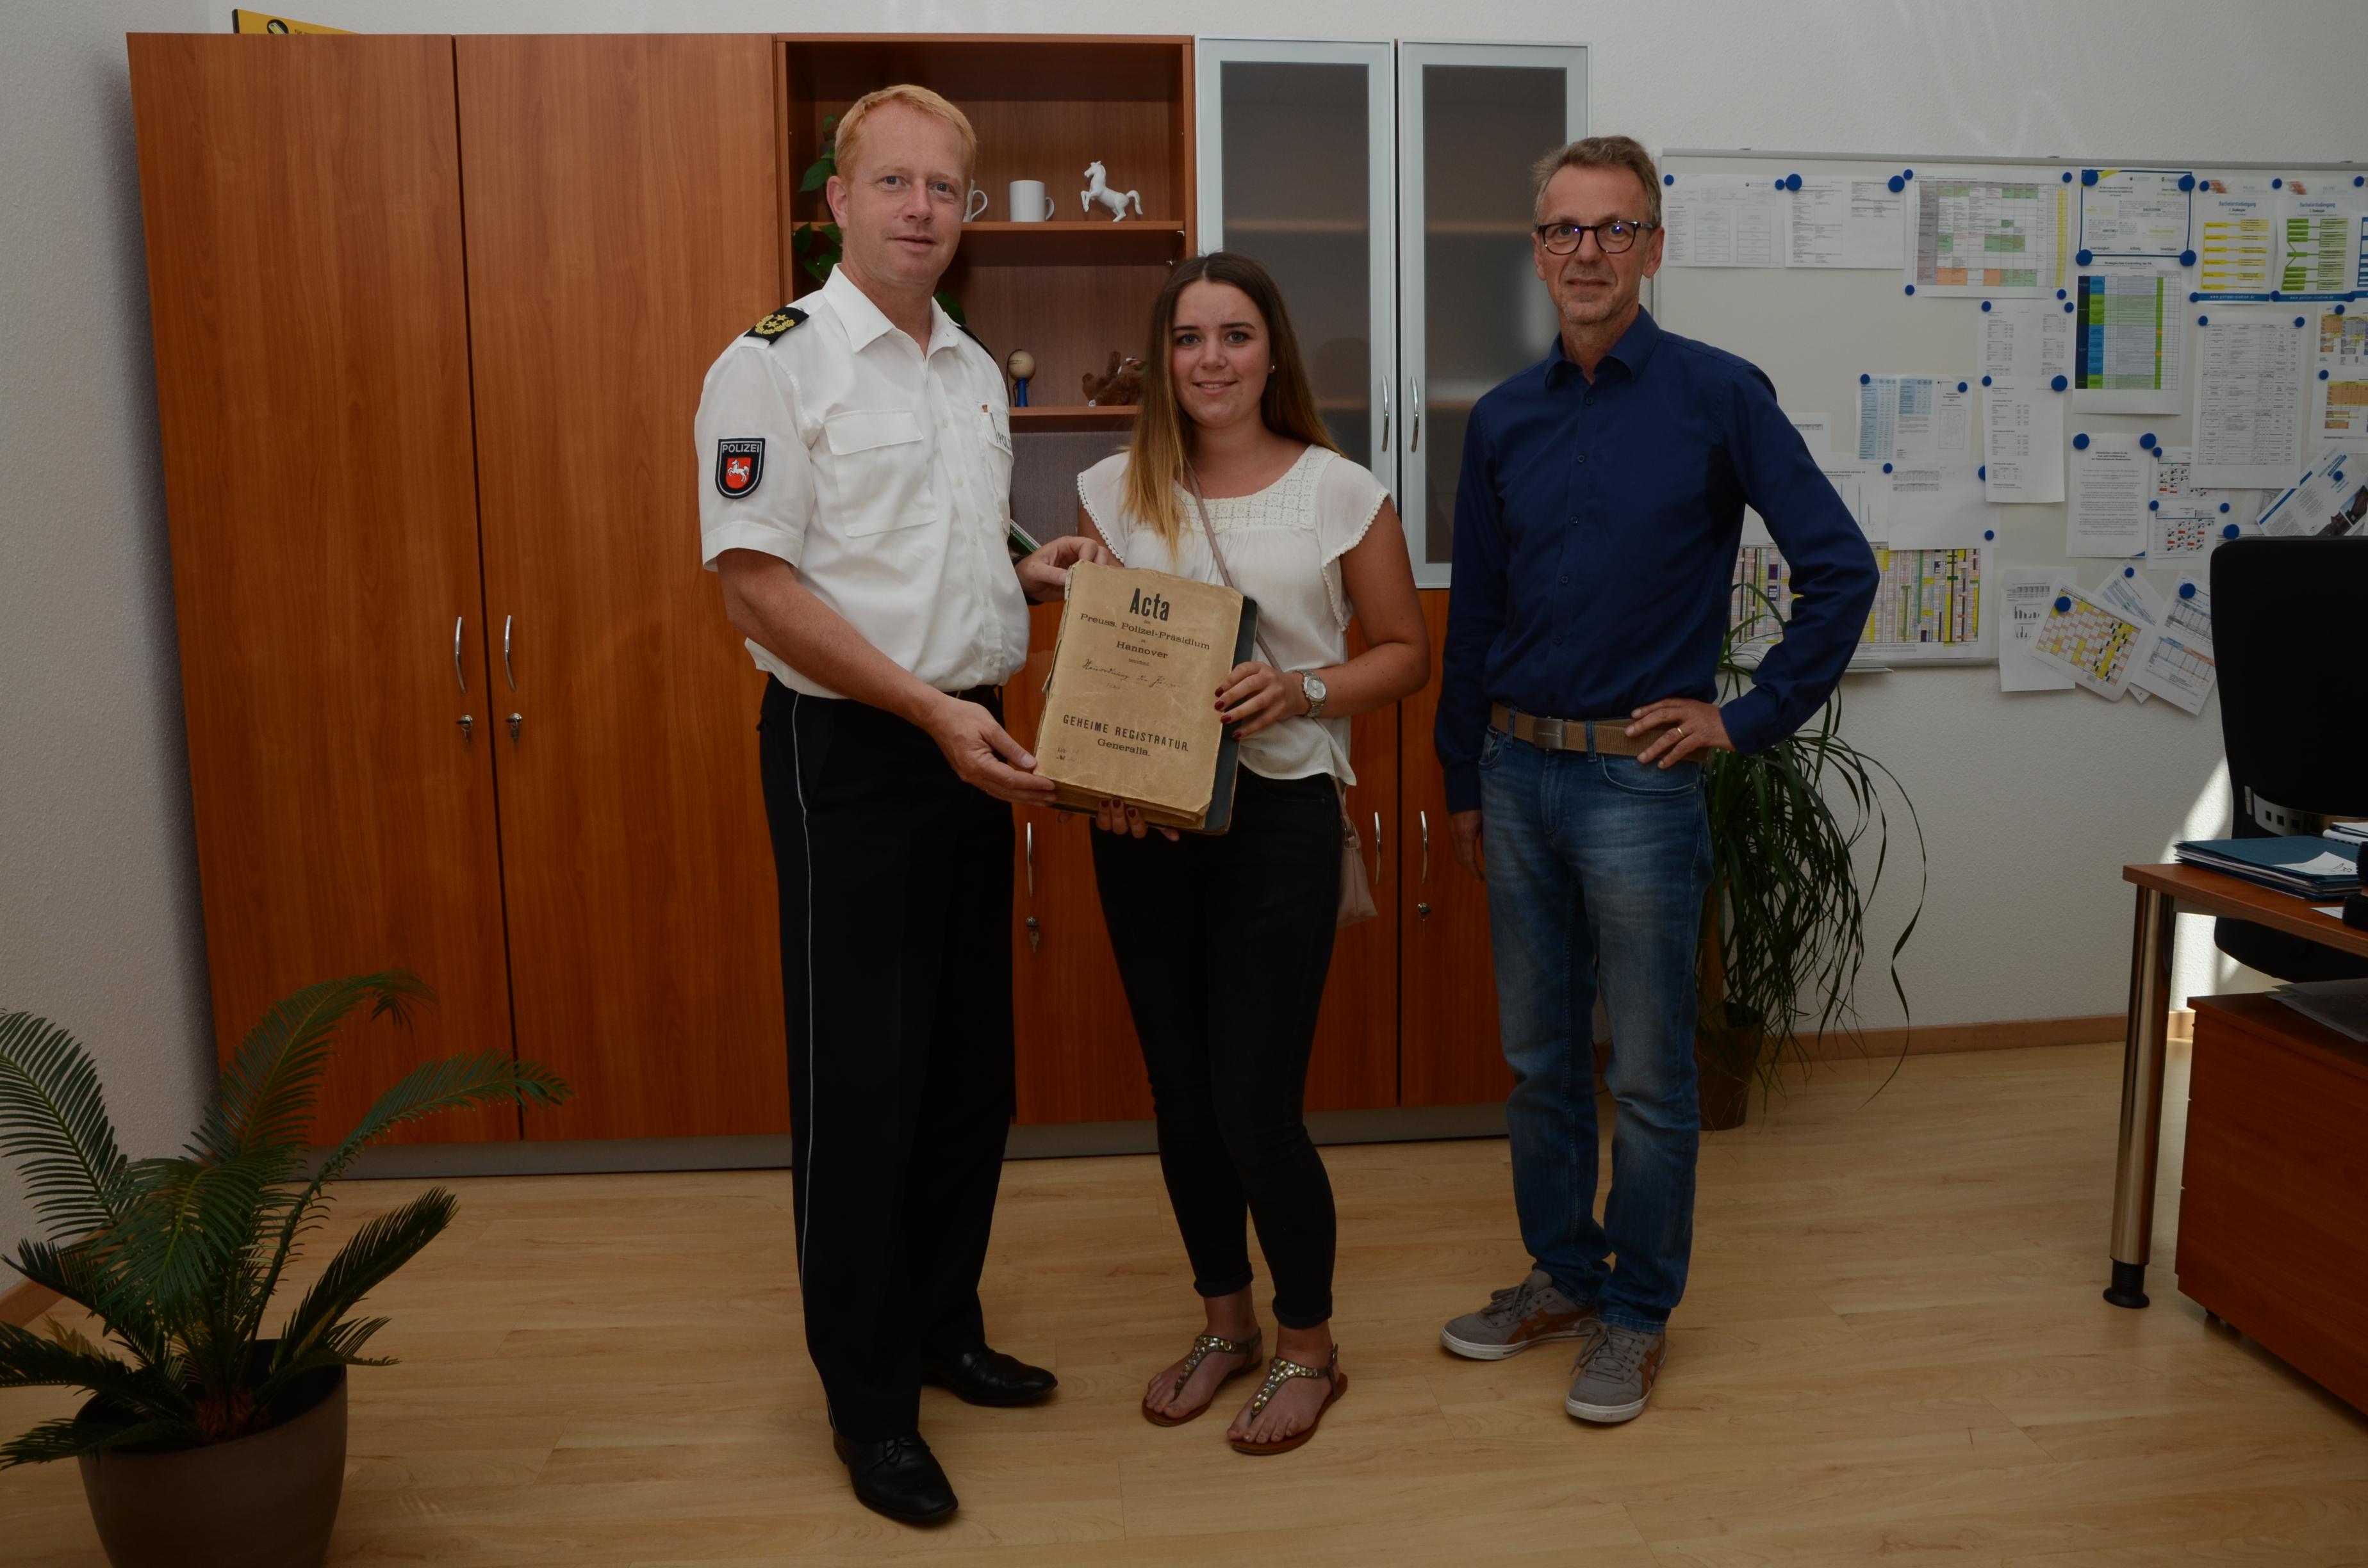 Direktor Carsten Rose nimmt im Beisein von Dr. Götting die historische Akte von der zukünftigen Polizeistudentin Maurien Lupke entgegen.